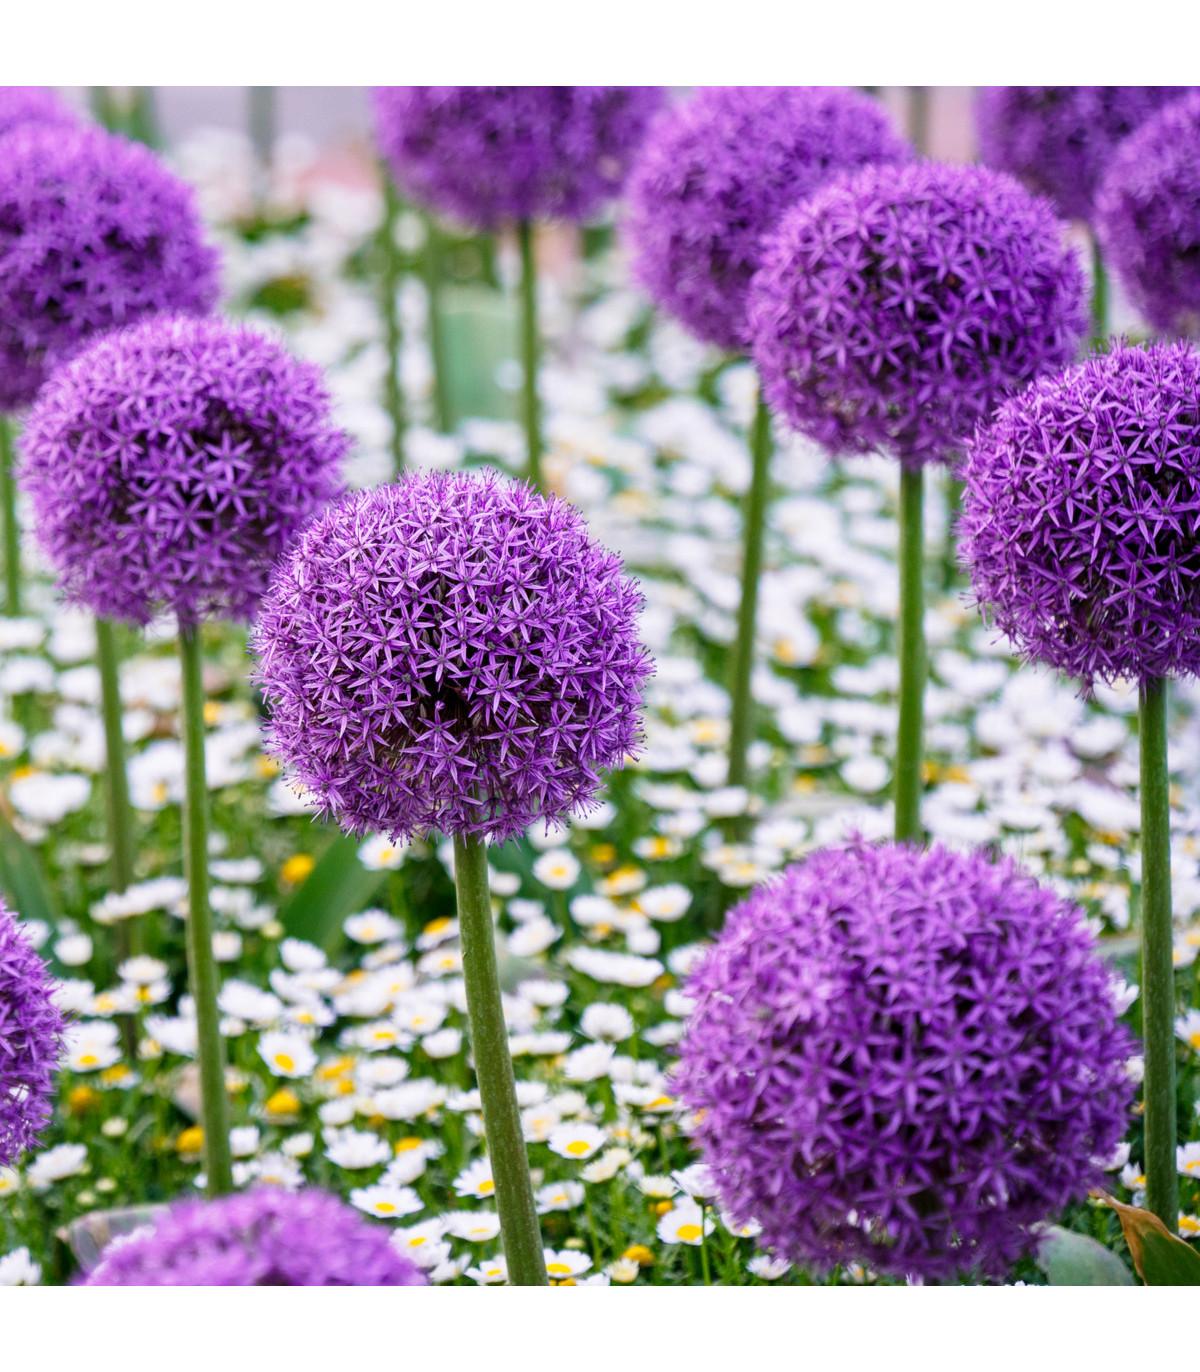 Okrasný cesnak Gladiator - Allium giganteum - cibuľoviny - 1 ks